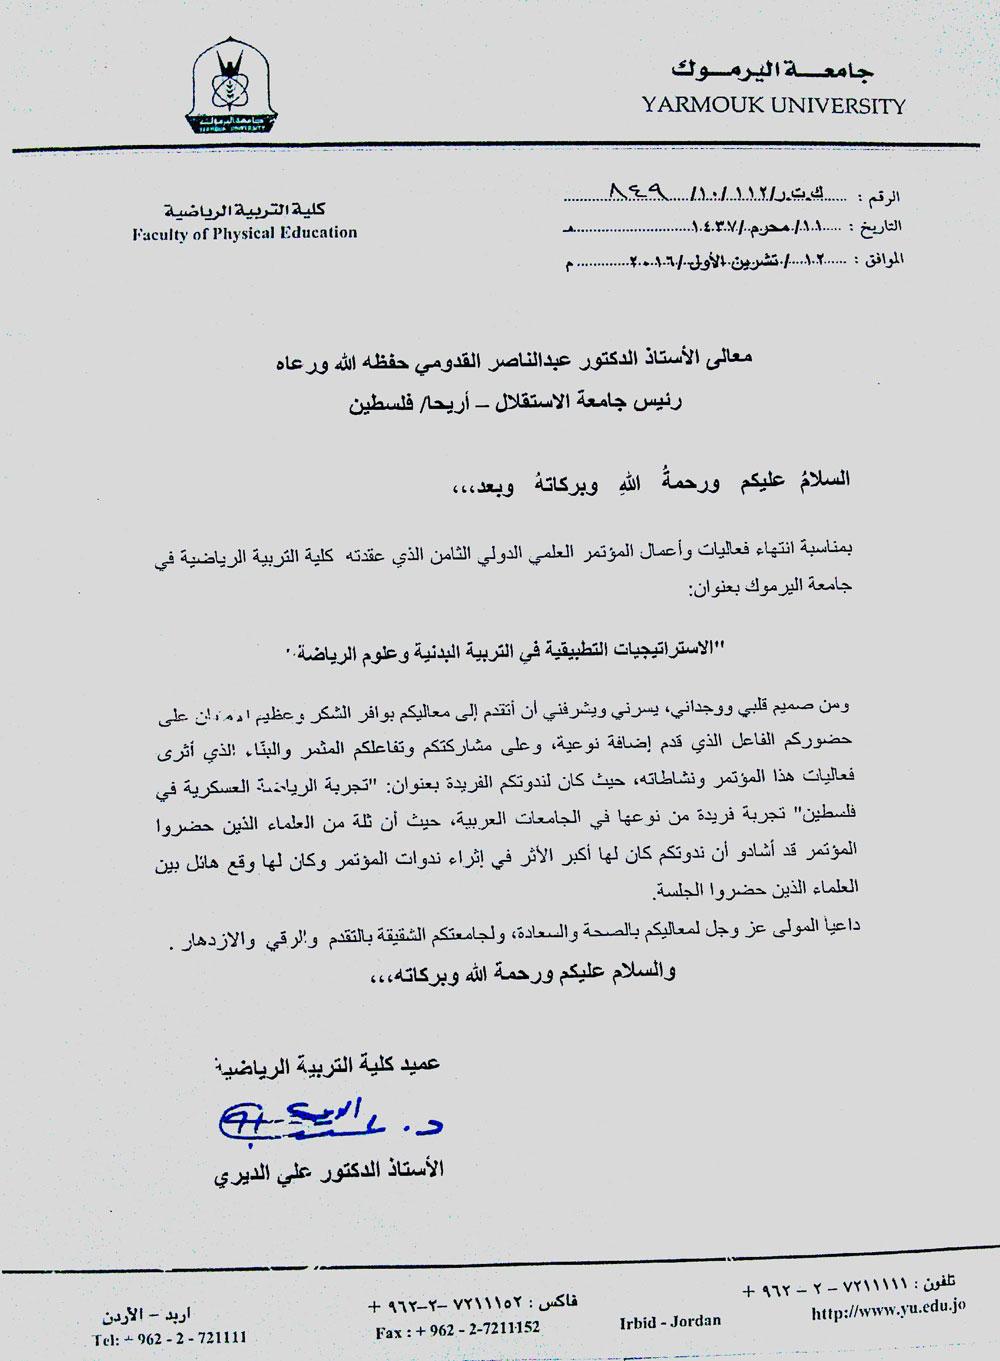 نموذج رسالة رسمية إلى وزير الإسكان